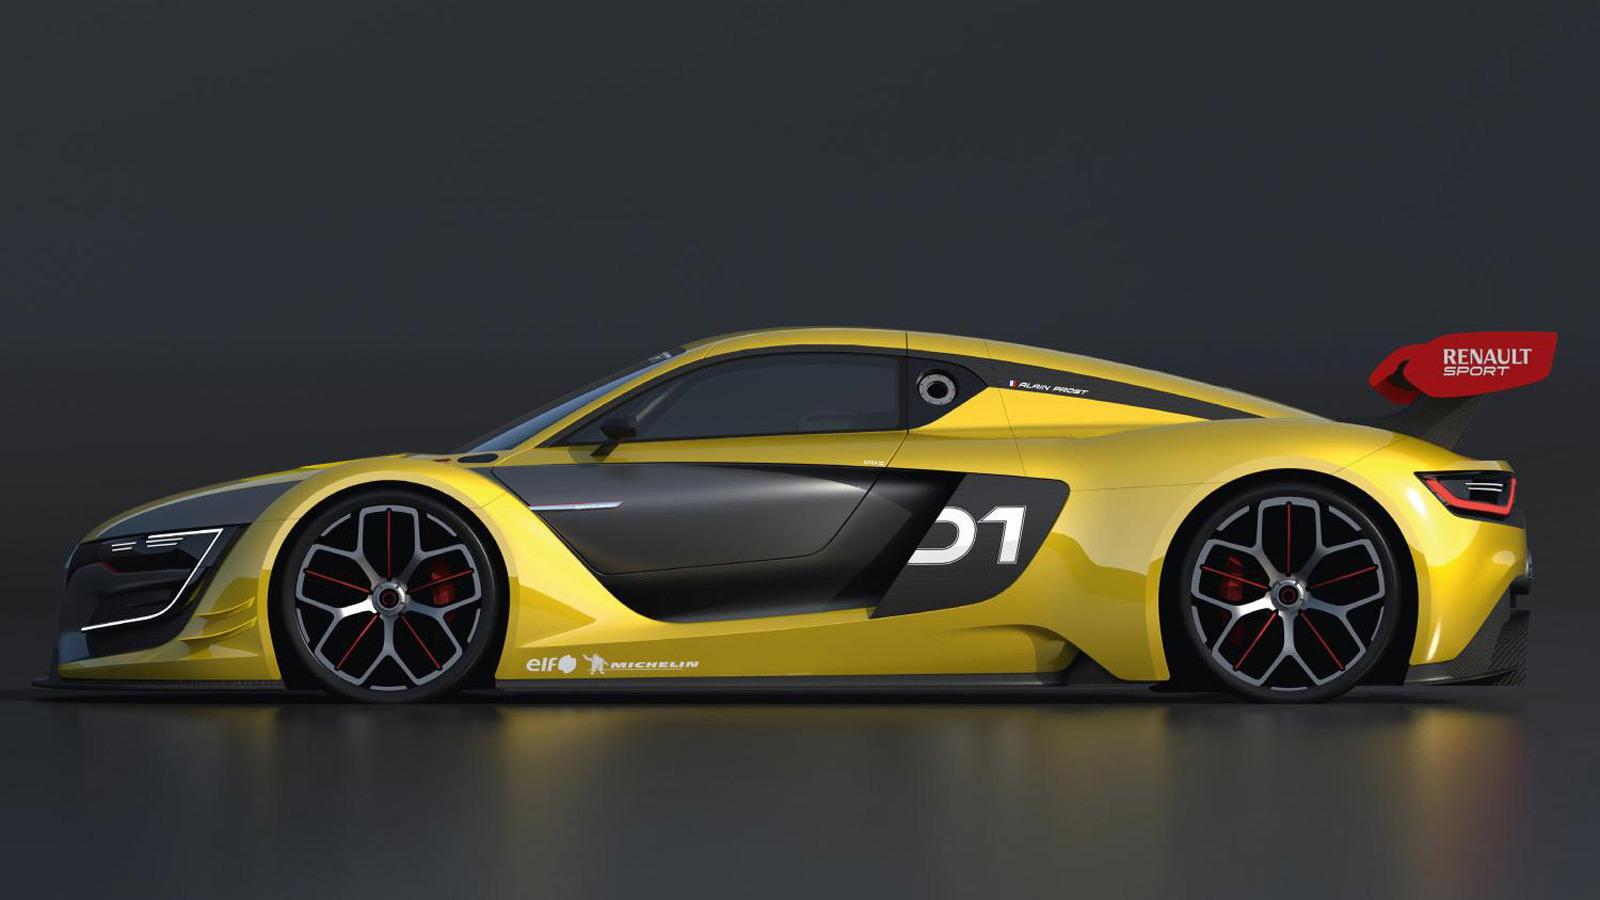 2015 Renault R.S. 01 race car